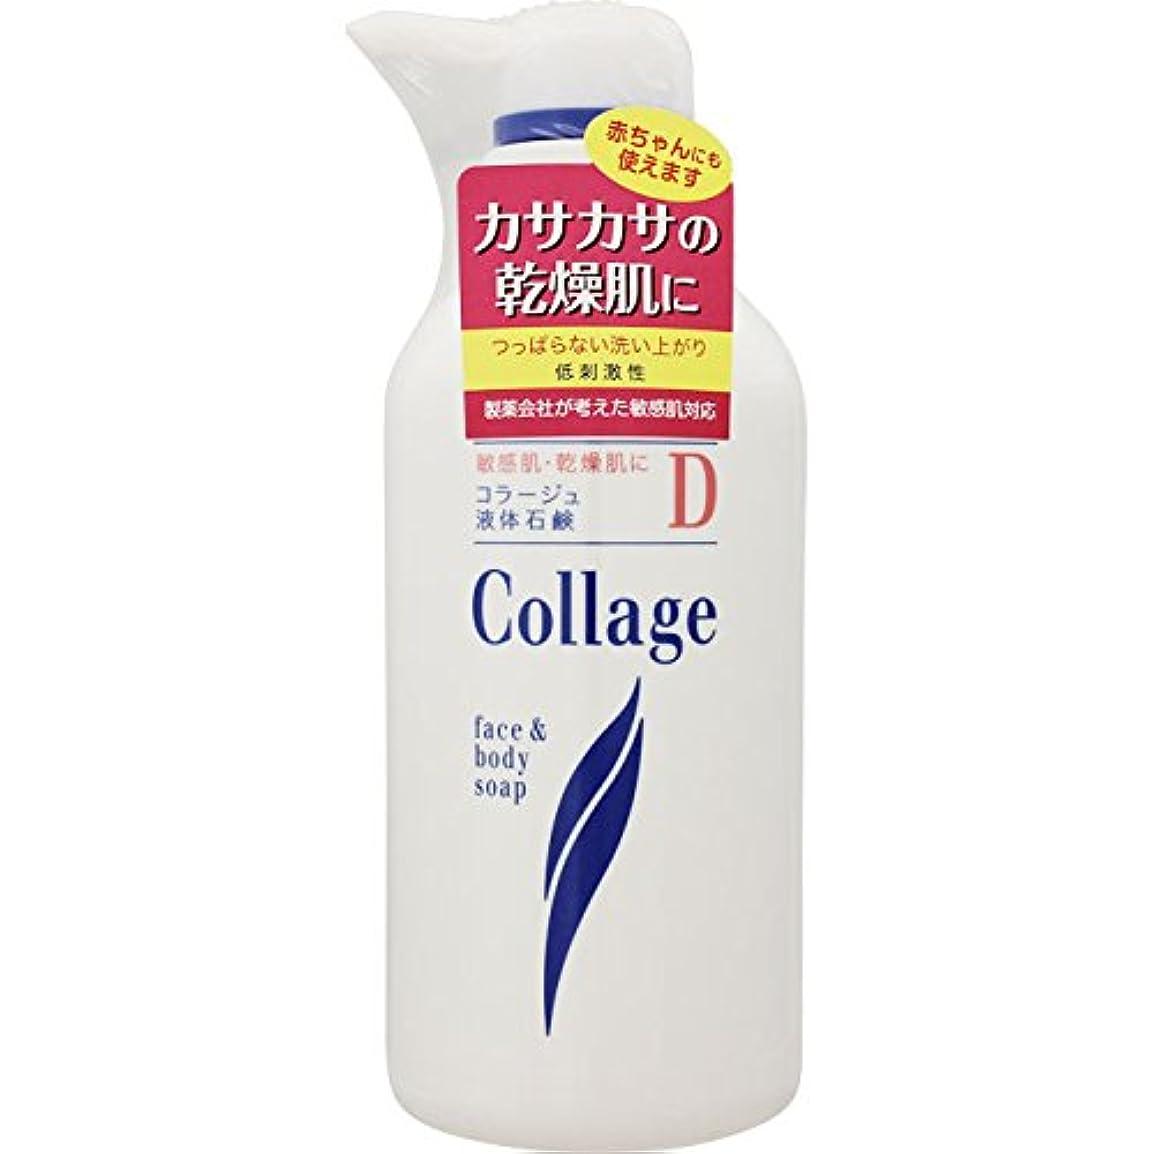 自明最終抜け目のない持田ヘルスケア コラージュD液体石鹸 400ml